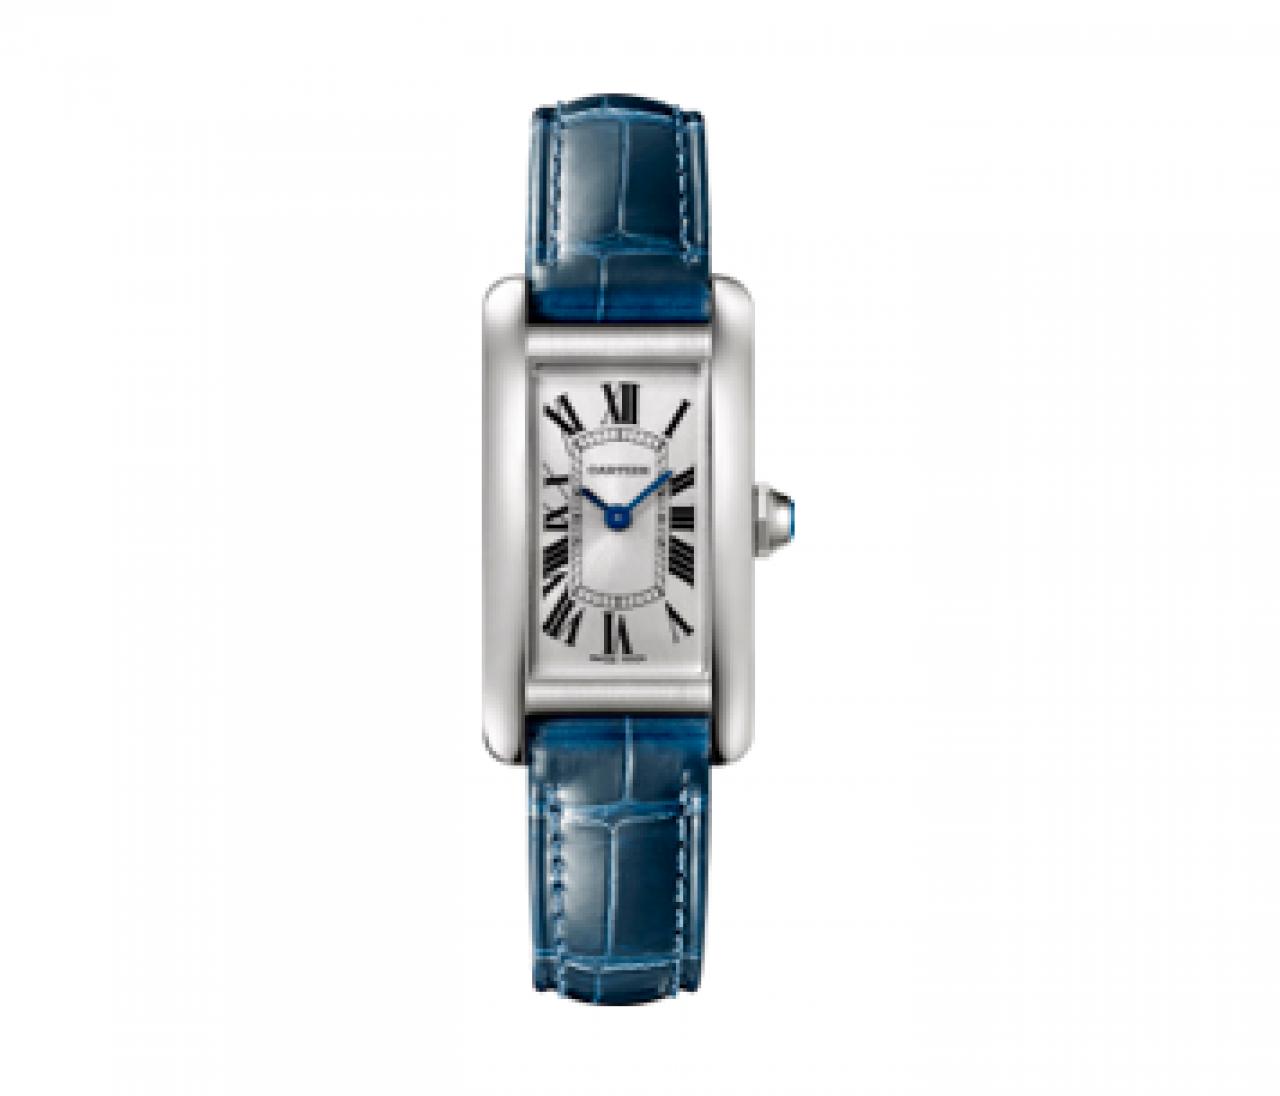 スクエアフェイスの腕時計と、美しく歳を重ねたい【30代からの名品・愛されブランドのタイムレスピース Vol.12】